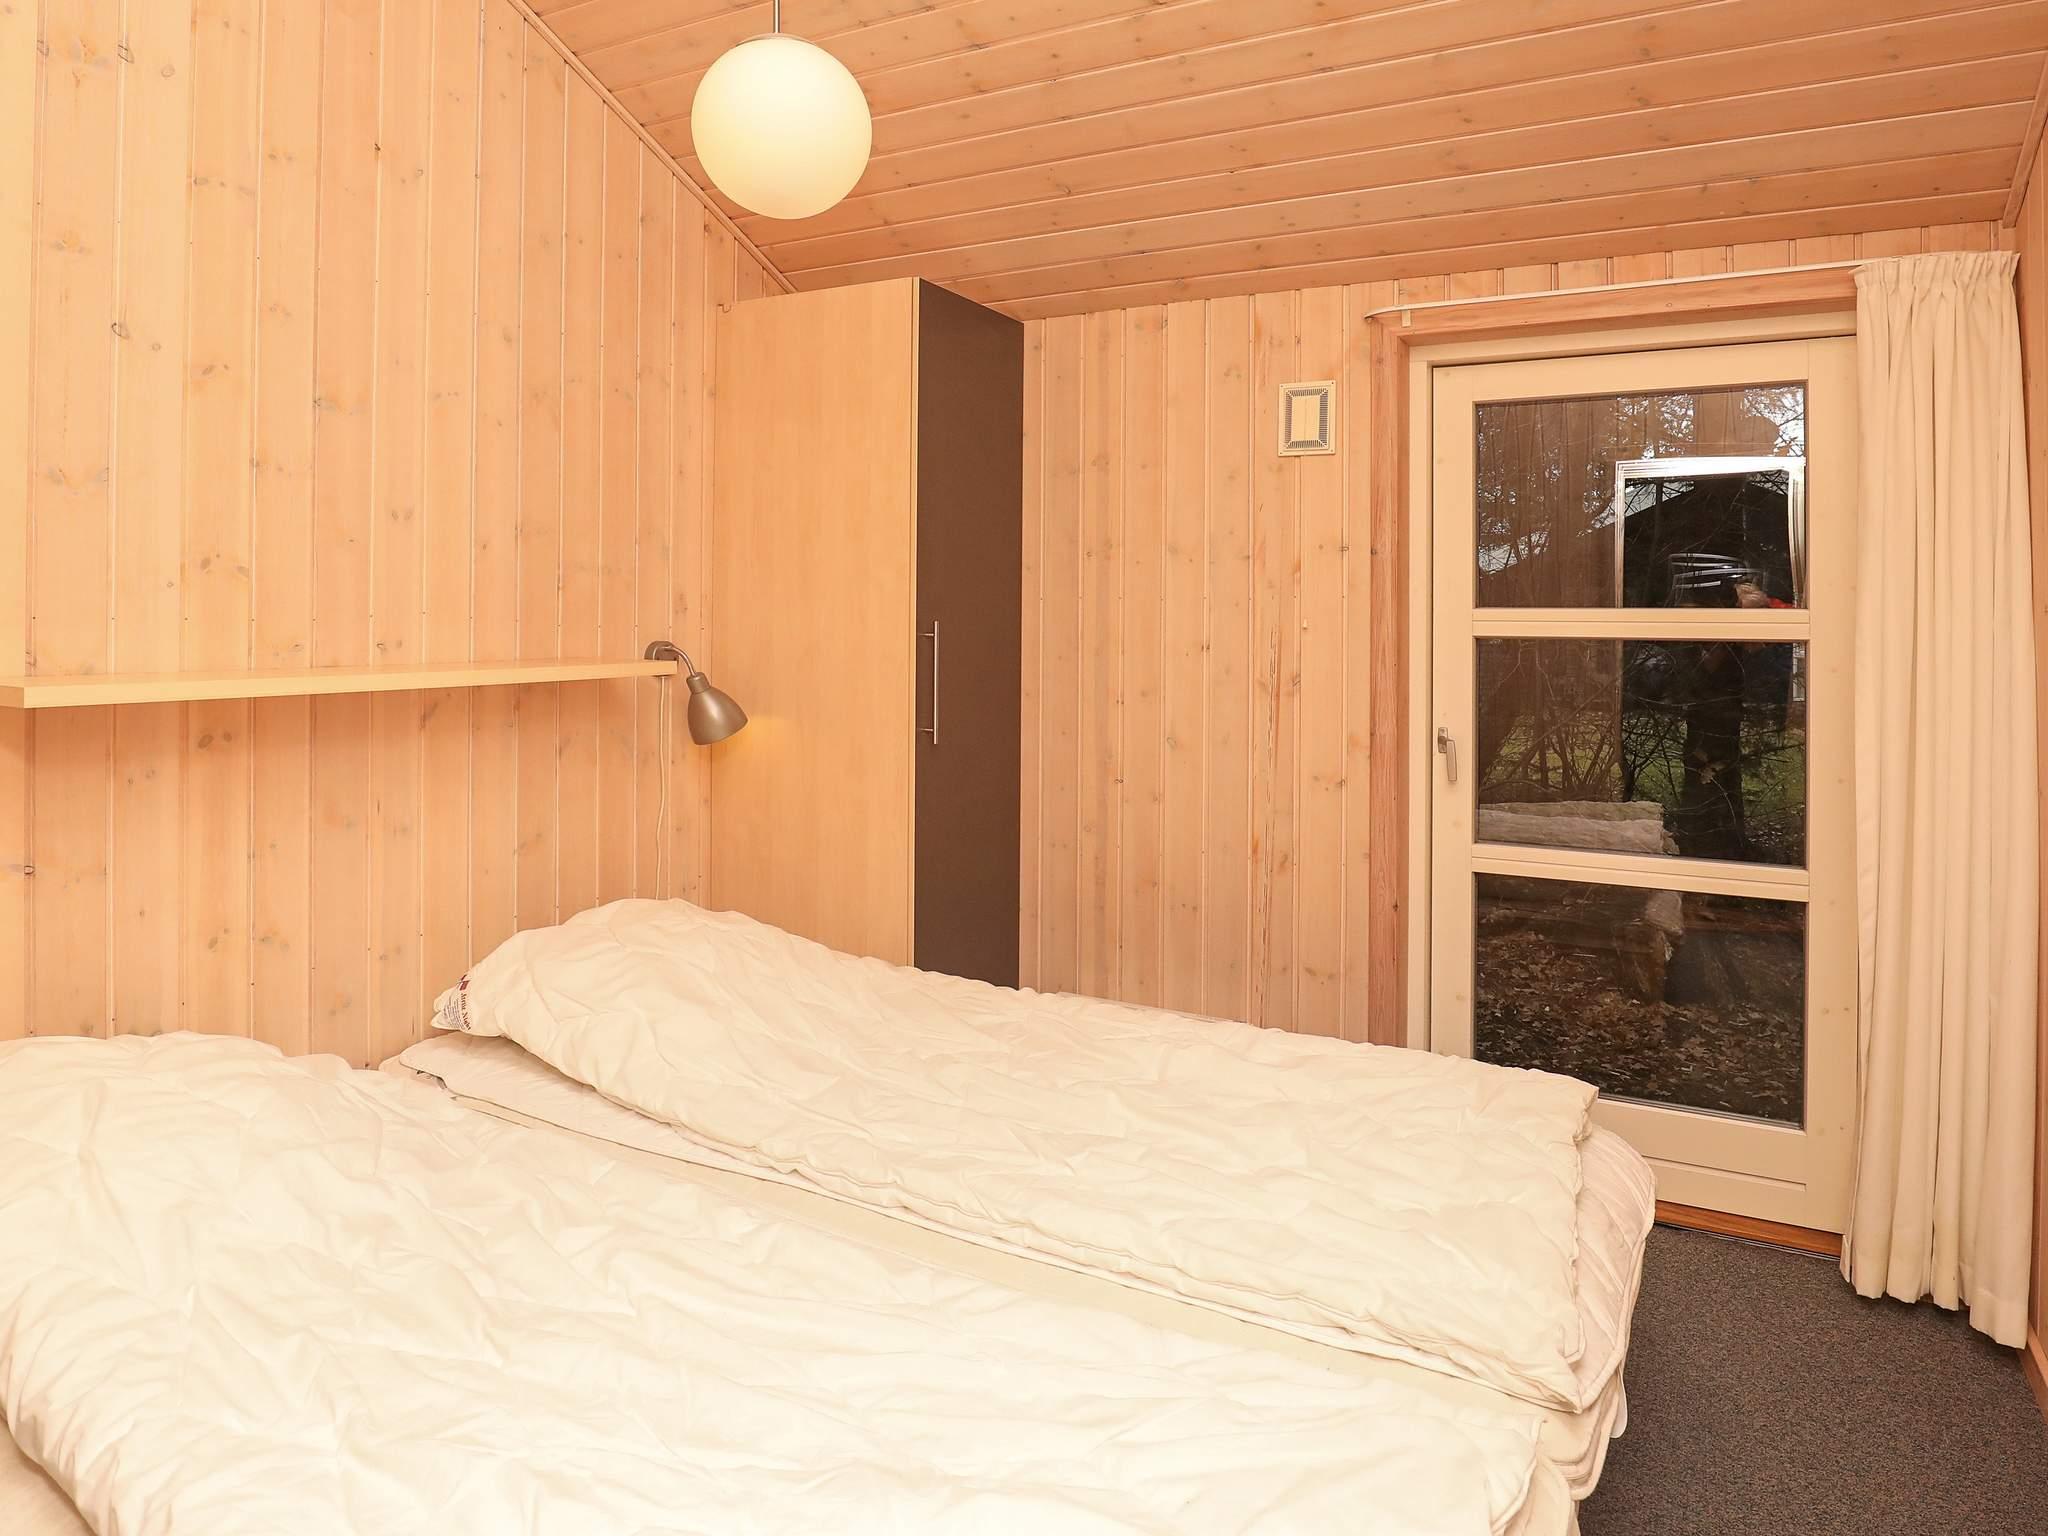 Ferienhaus Lodskovvad (683644), Lodskovvad, , Dänische Nordsee, Dänemark, Bild 14